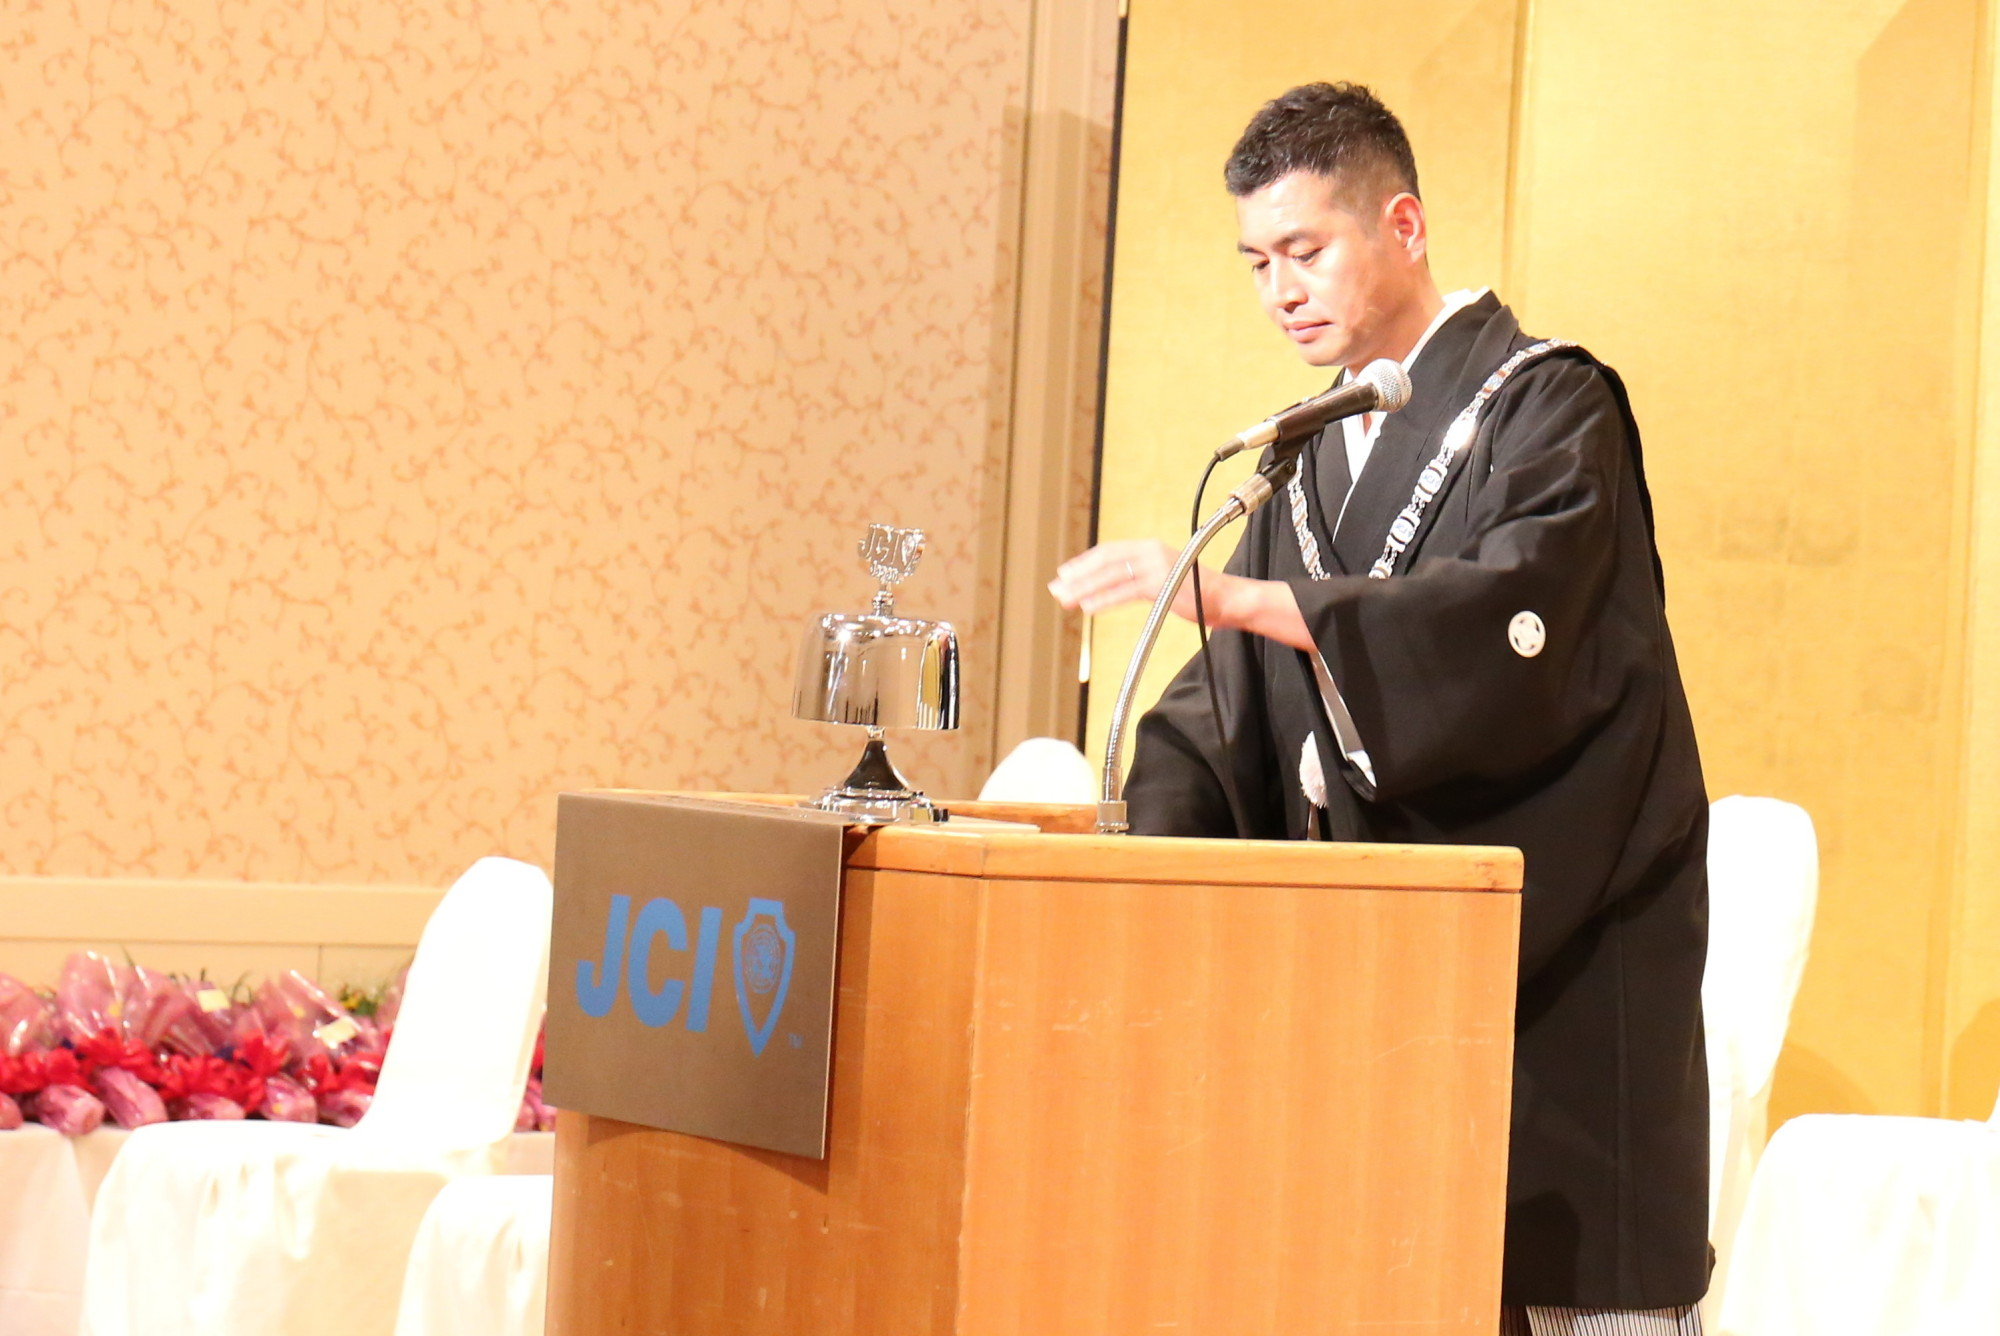 今年度最後の例会の開会の点鐘を鳴らす吉住理事長。吉住理事長も今年度で卒業となる為、袴を着用しています。